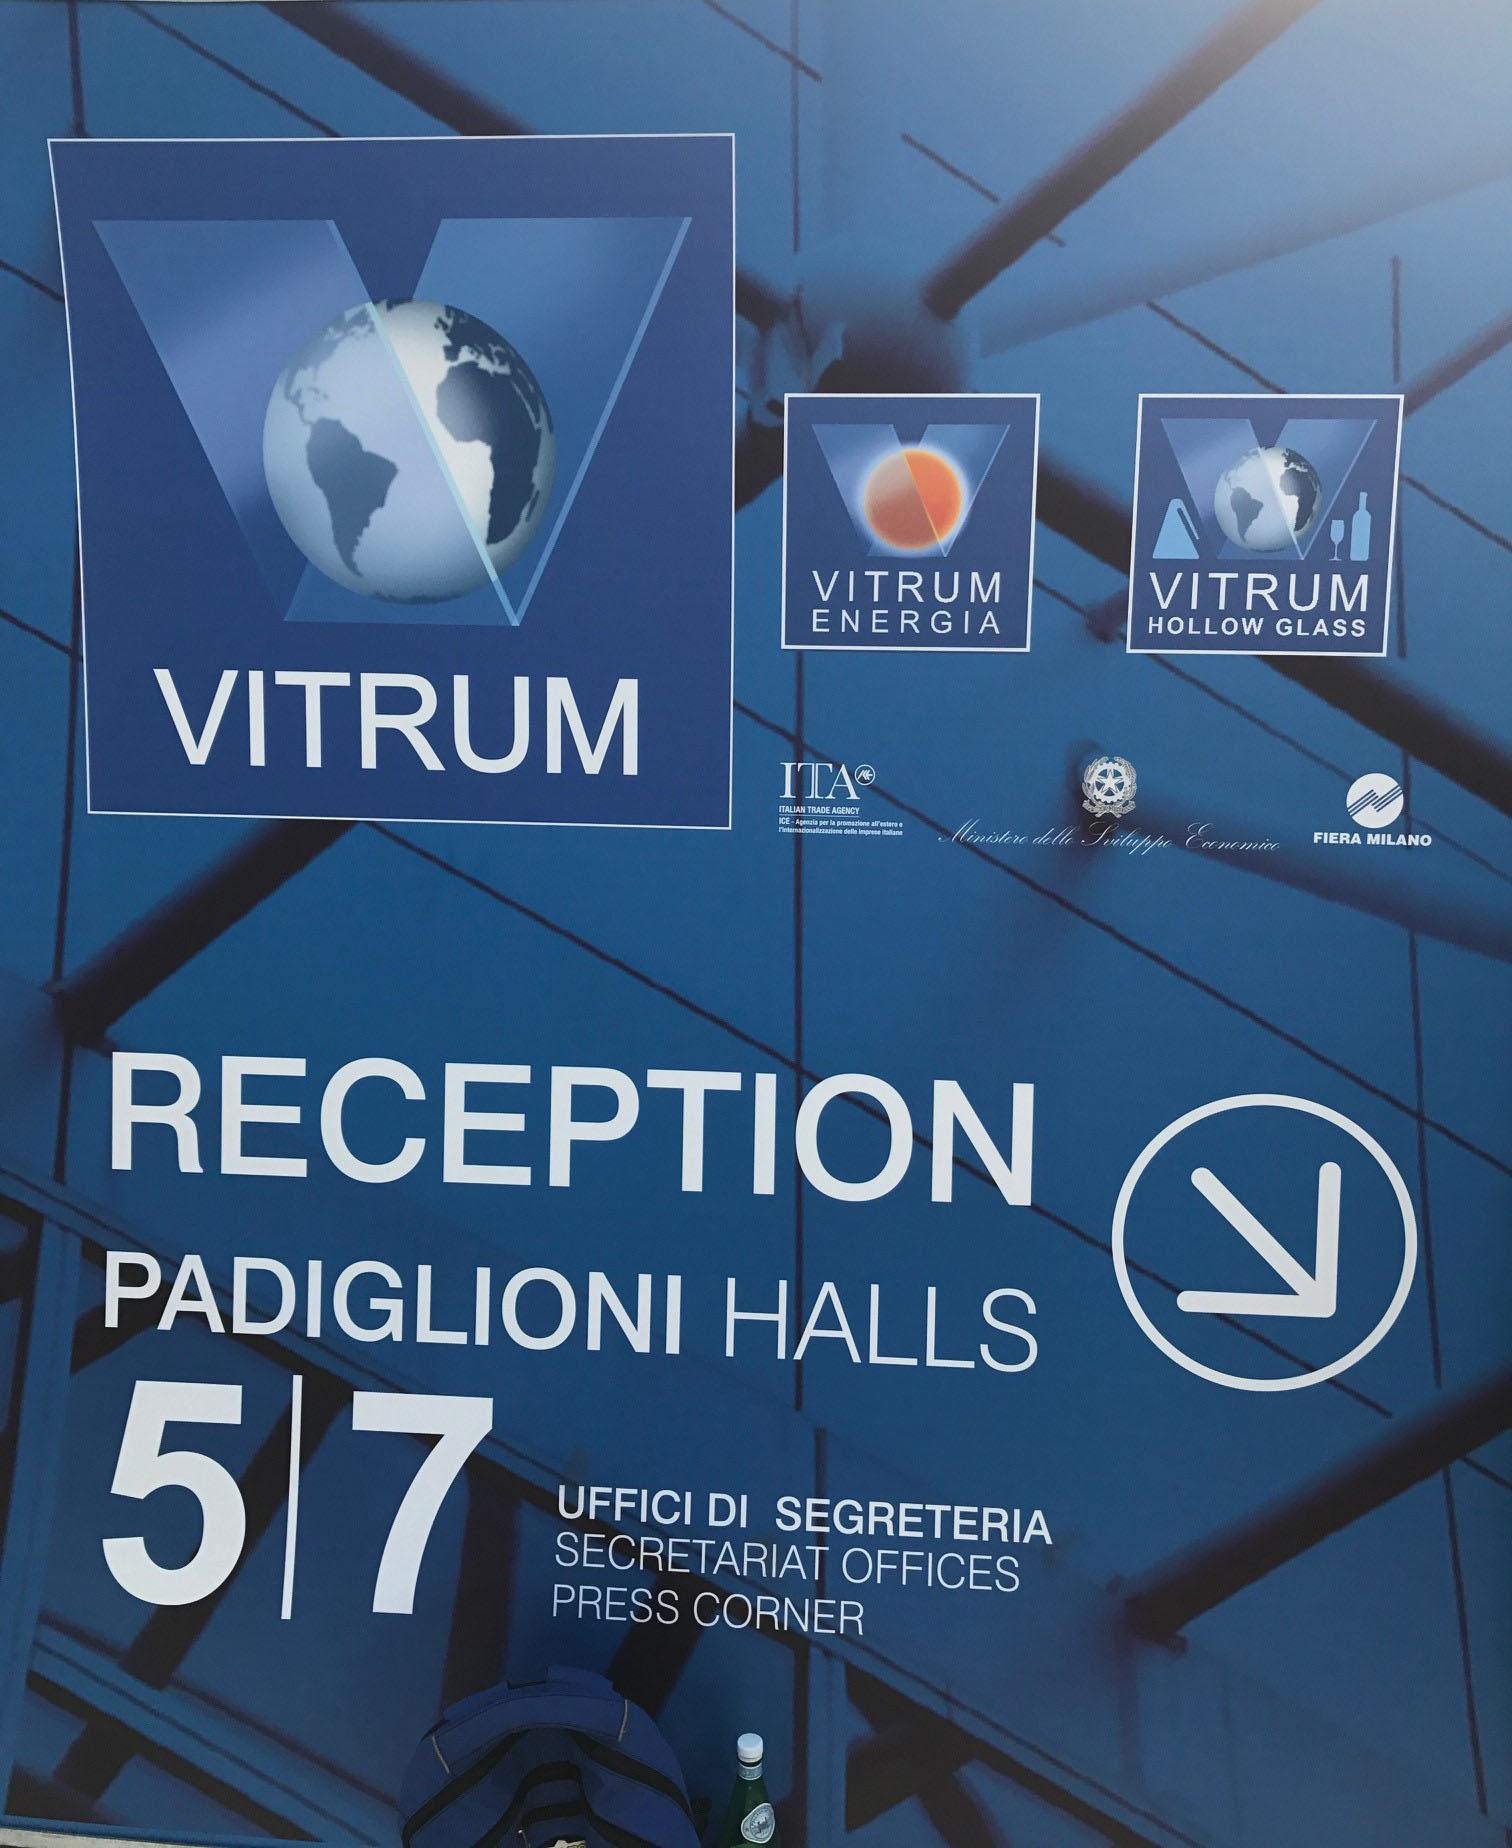 vitrum-vidro1